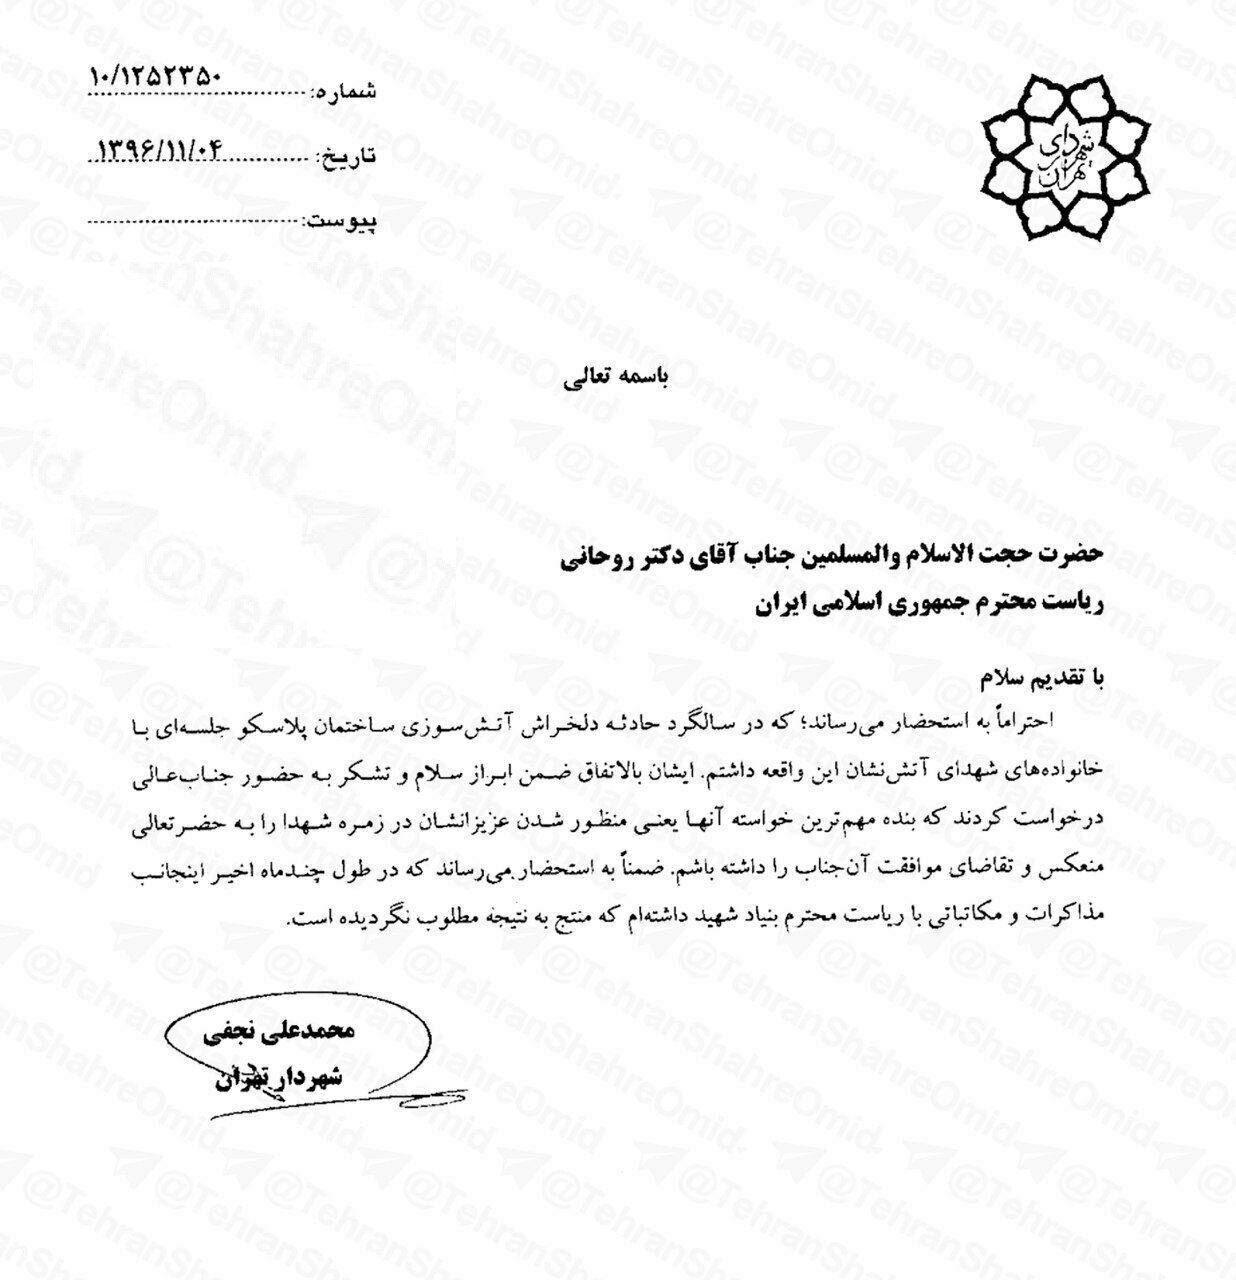 درخواست رسمی نجفی از رئیس جمهور برای شهید محسوب شدن آتش نشانان پلاسکو